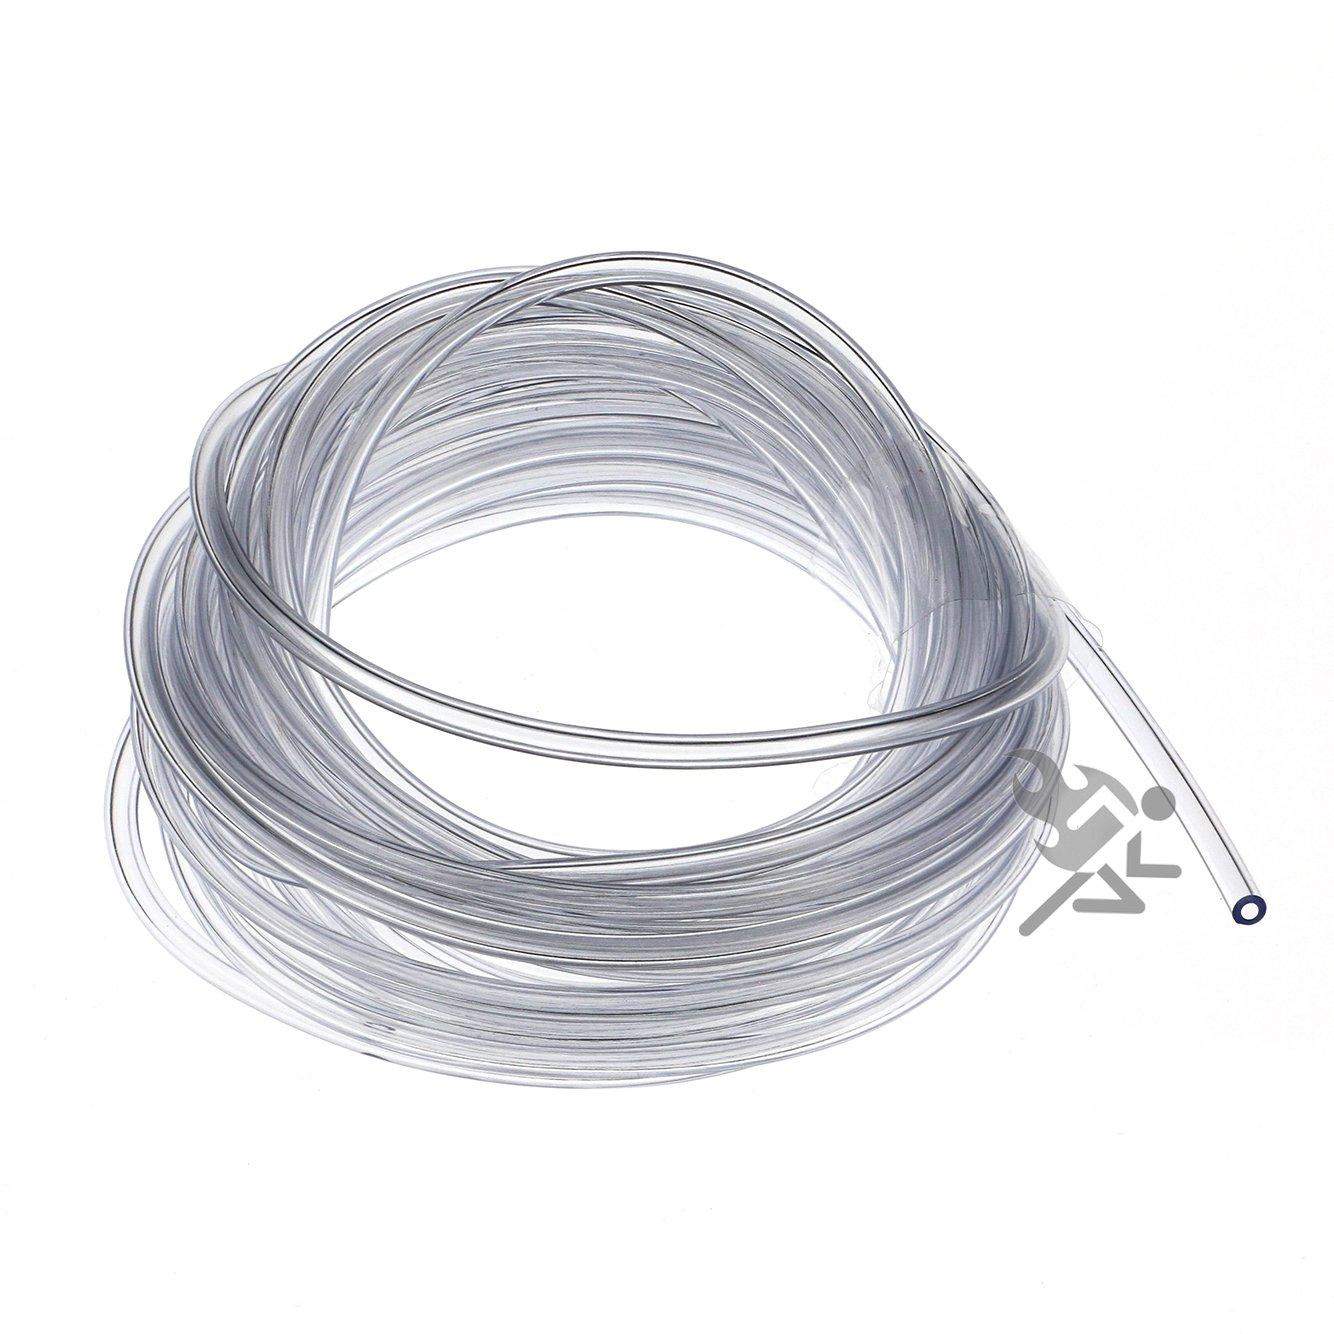 """Flexible Vinyl Tubing for Fish Hook Protectors 1//32/"""" I.D"""